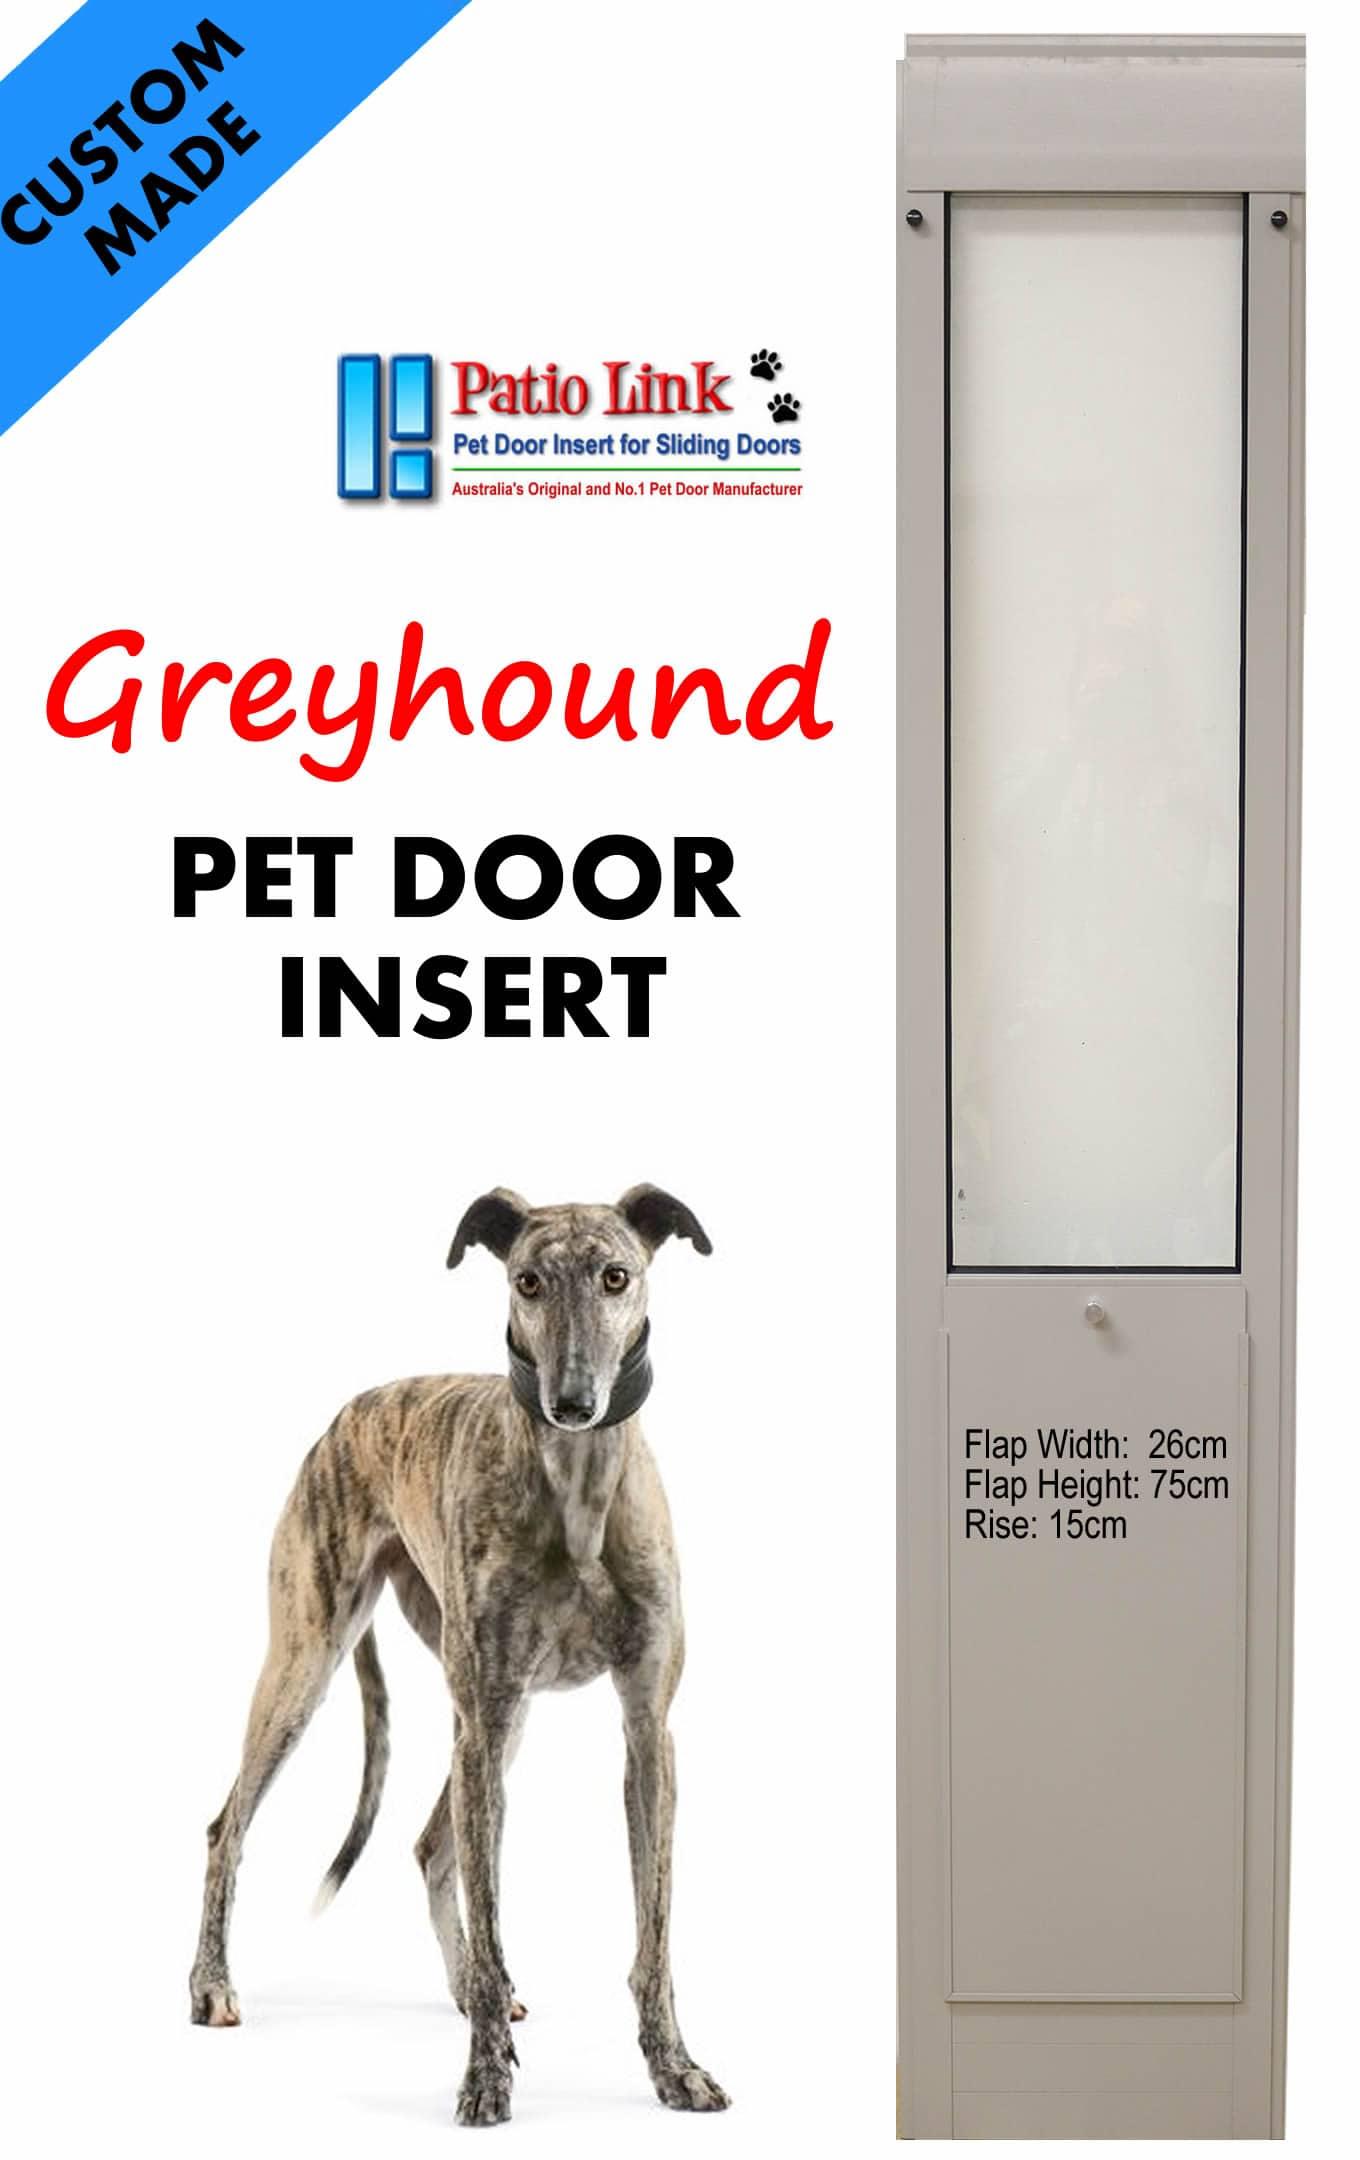 greyhound Pet Door Inset